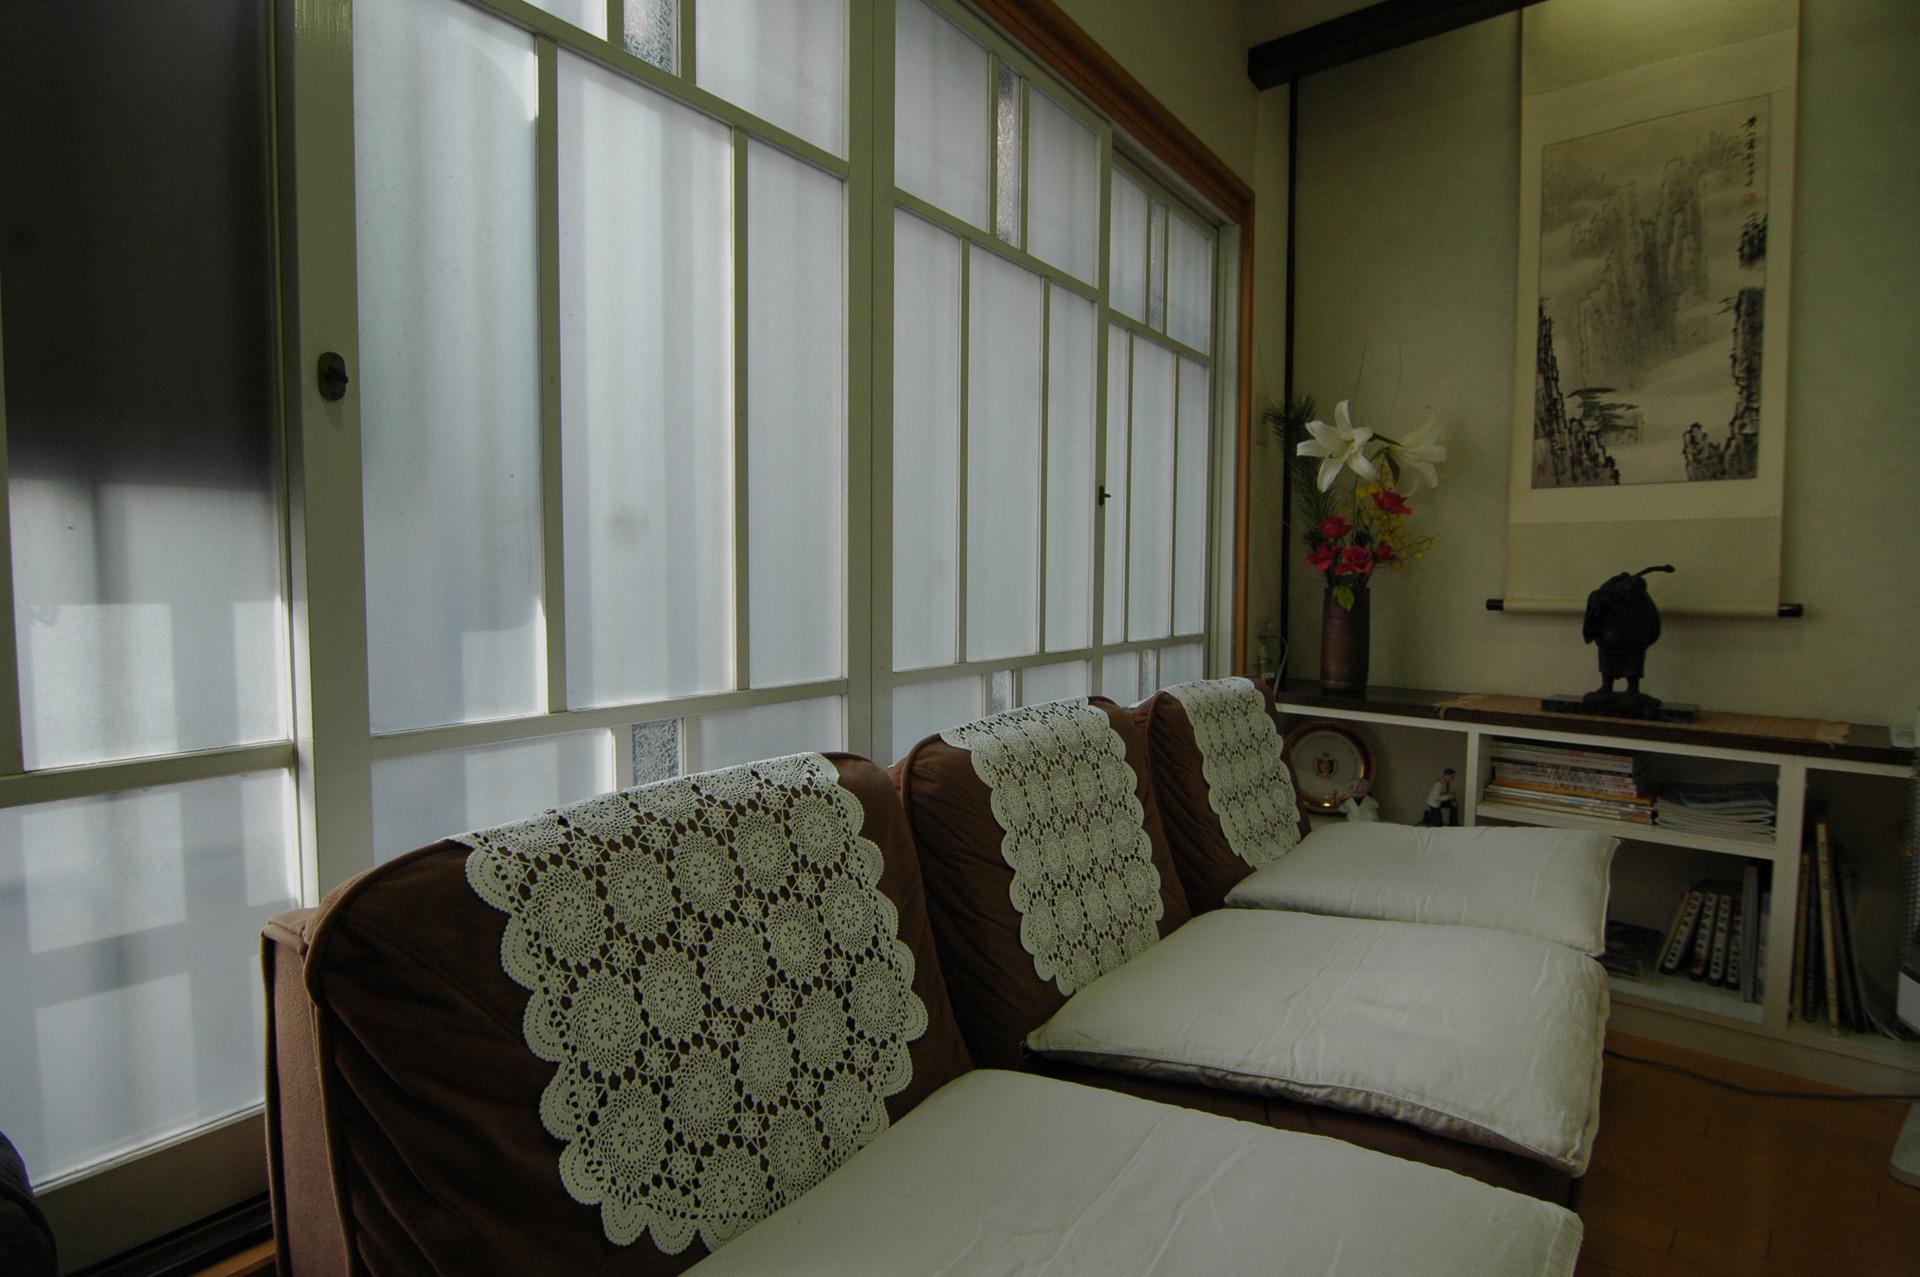 神田須田町の記憶とともに、患者様の笑顔とともに